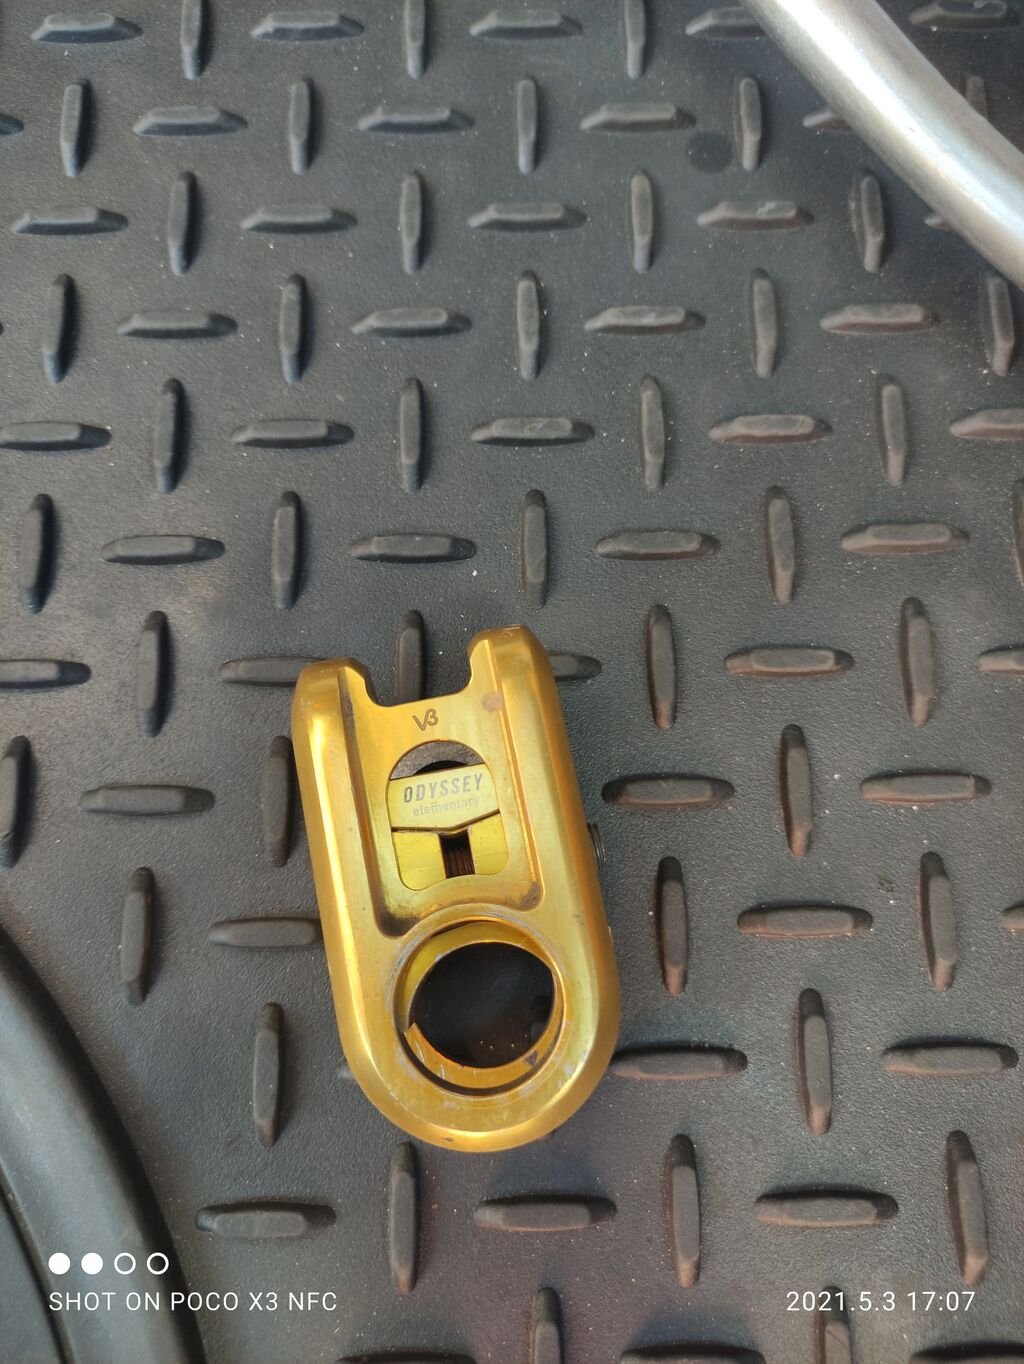 Продаю нынос оригинал на bmx.Есть ещё переднее колесо обод со фтулкой: Продаю нынос оригинал на bmx.Есть ещё переднее колесо обод со фтулкой